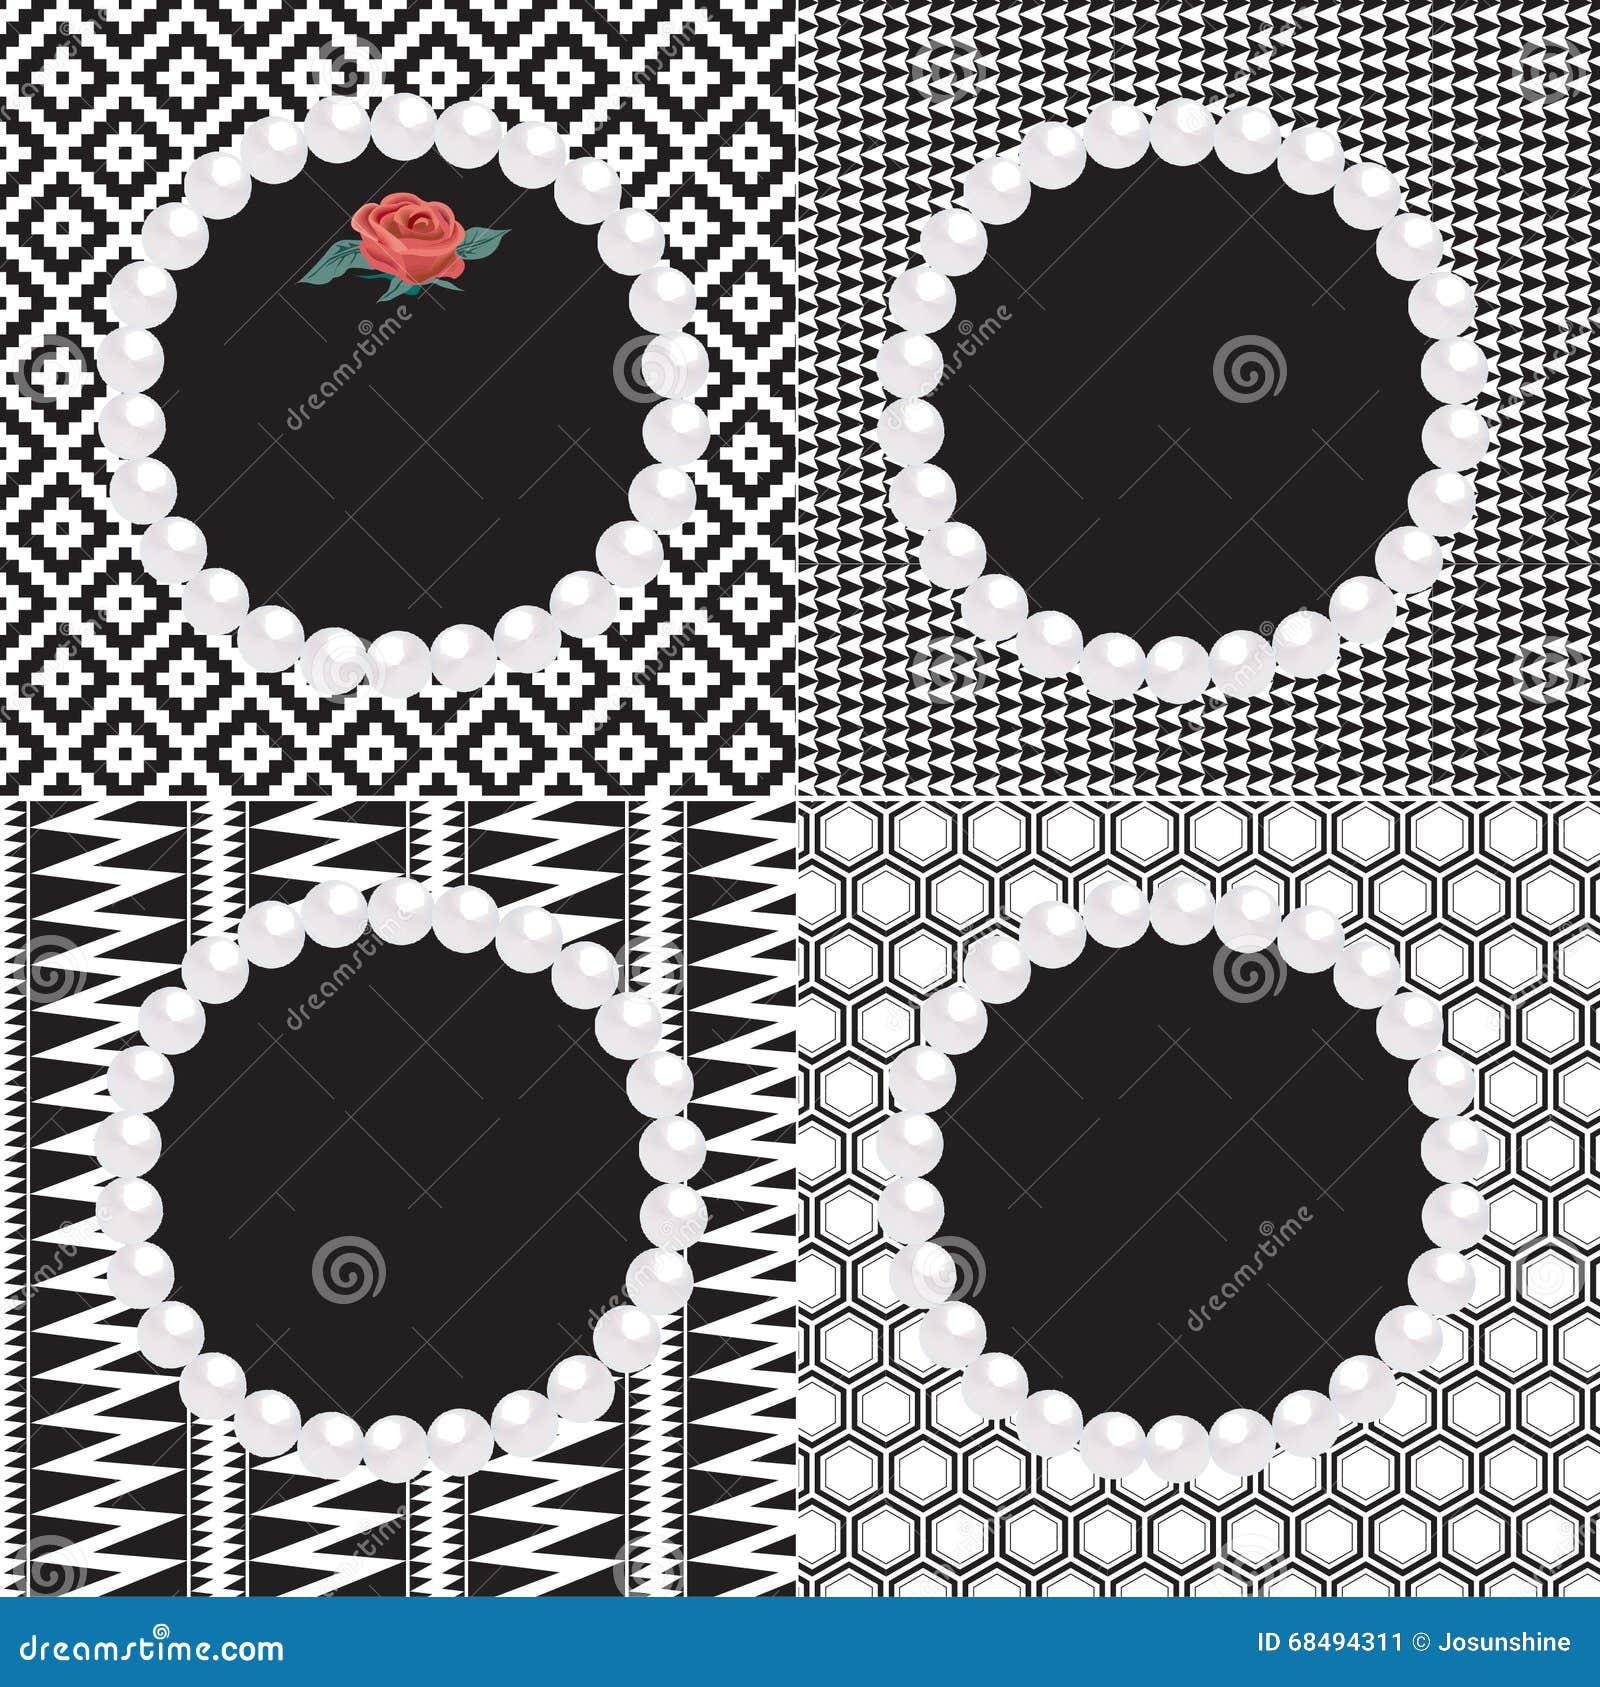 4 Perlen-Rahmen-Schwarz-Weiß-Muster Stock Abbildung - Illustration ...